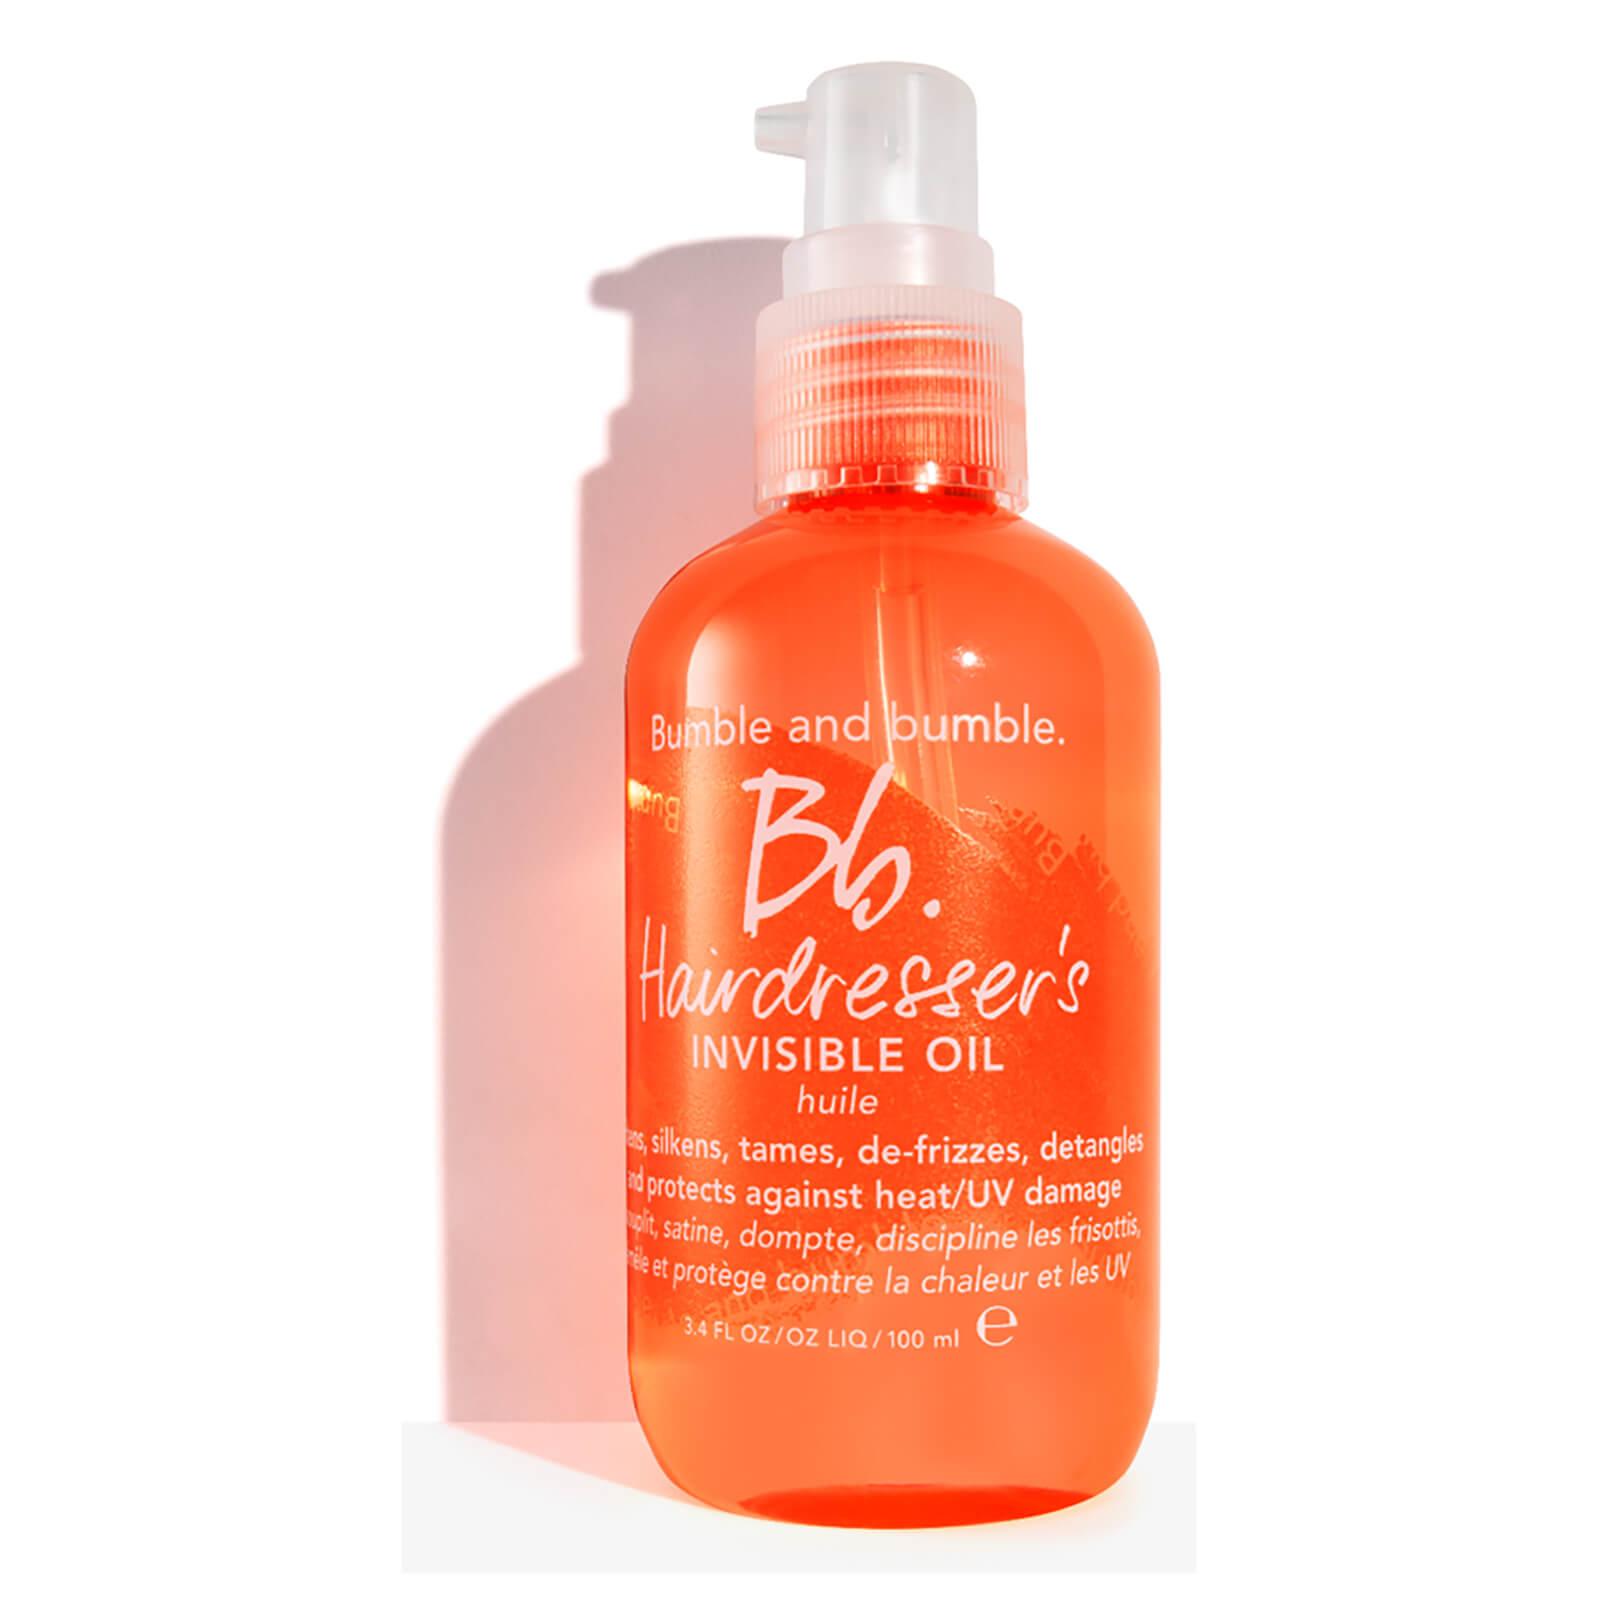 7 huiles capillaires pour des cheveux doux et brillants - 2